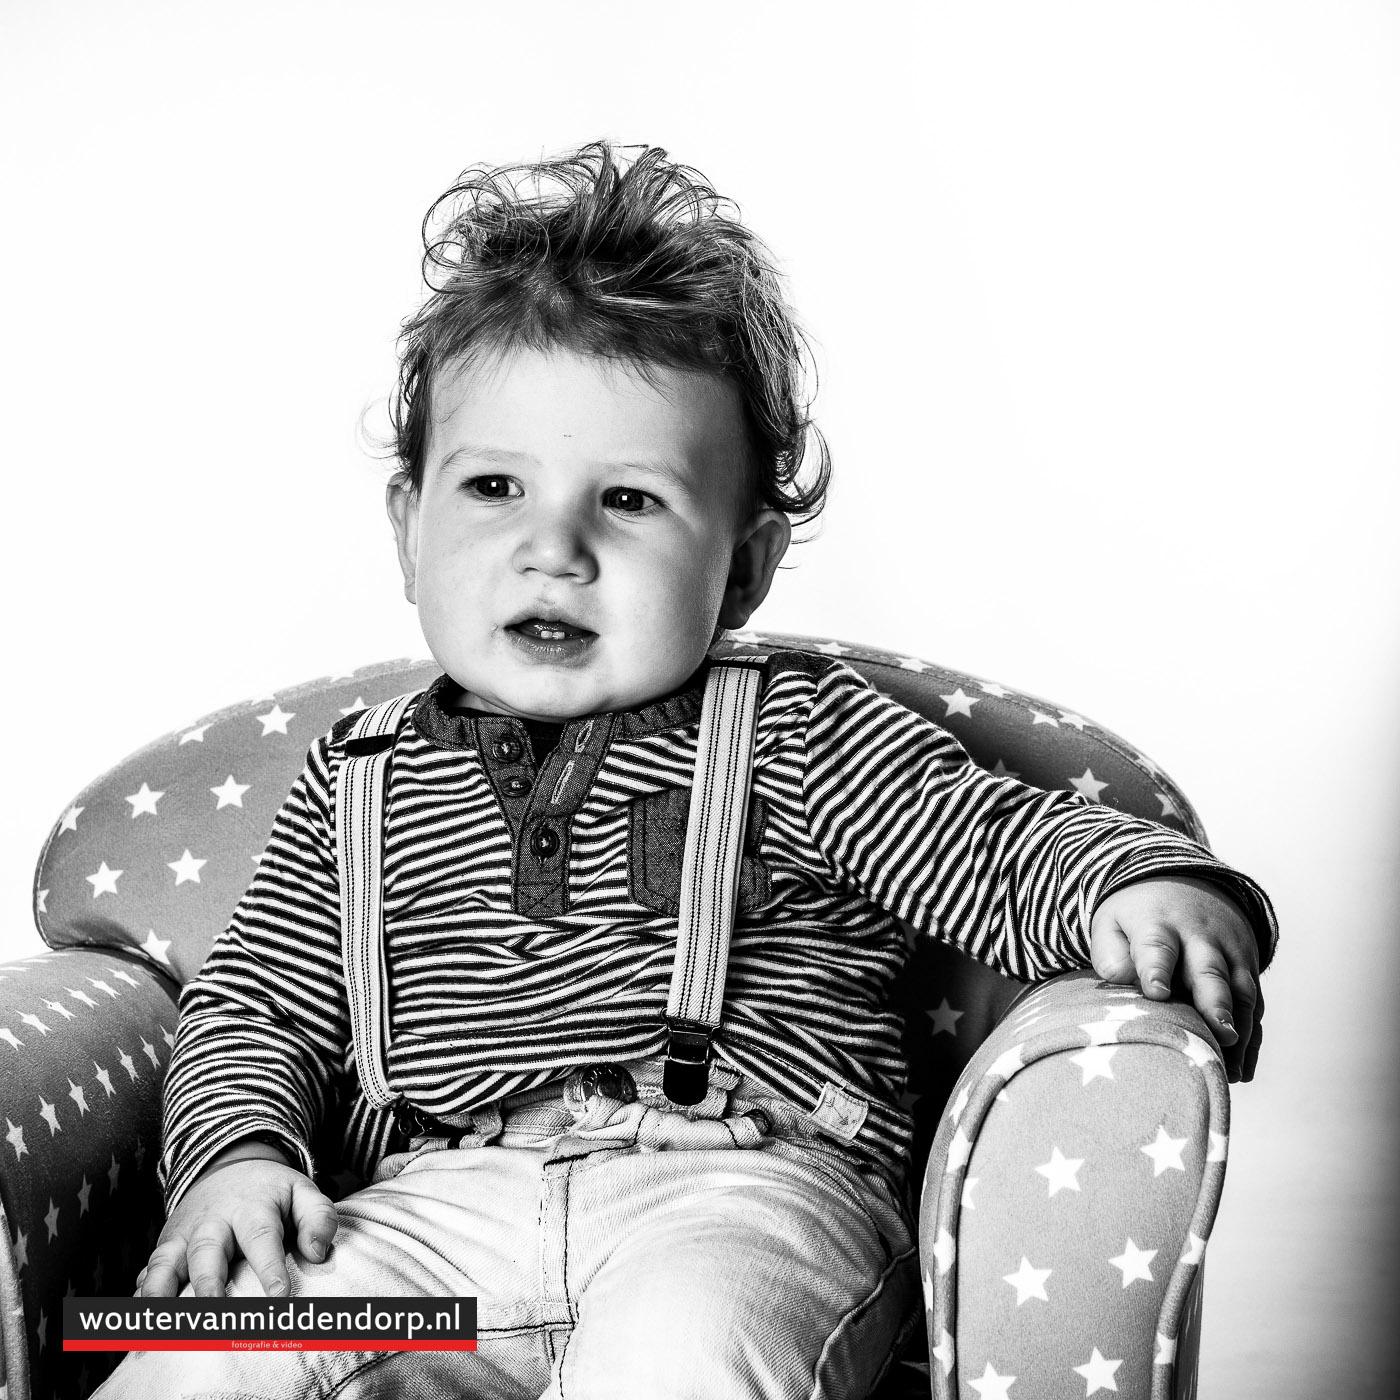 studiofotografie Wouter van Middendorp Uddel-15